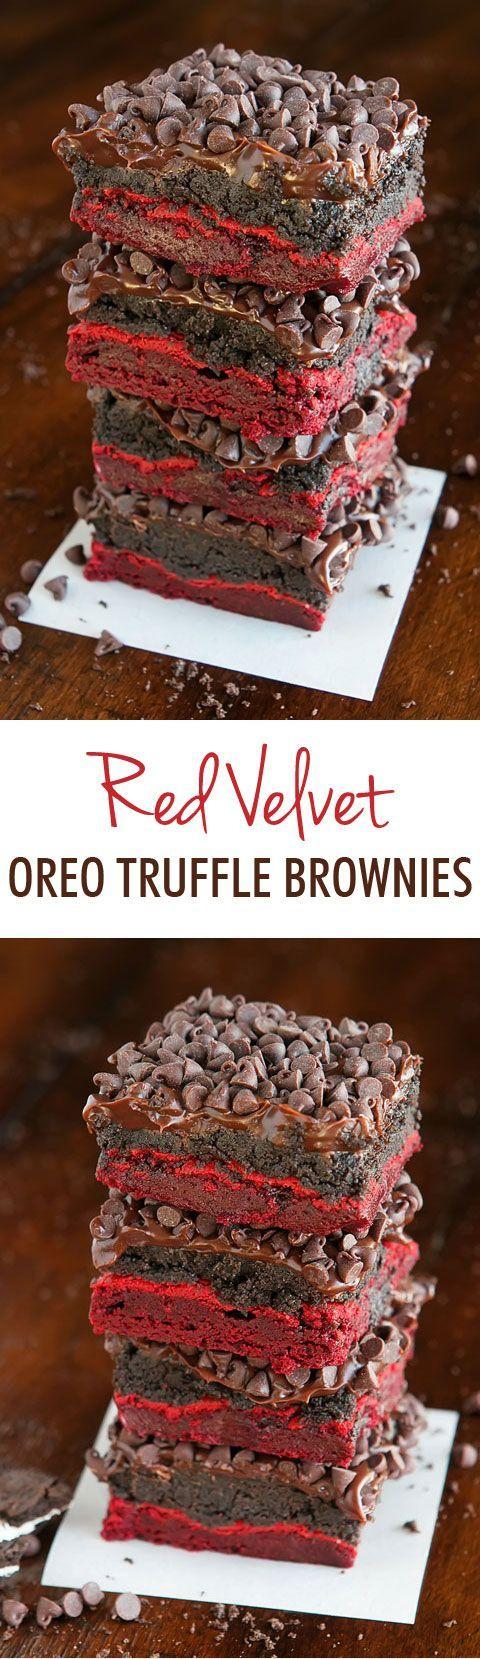 Red Velvet Oreo Truffle Brownies. Estos son los cielos totales en cada bocado!!